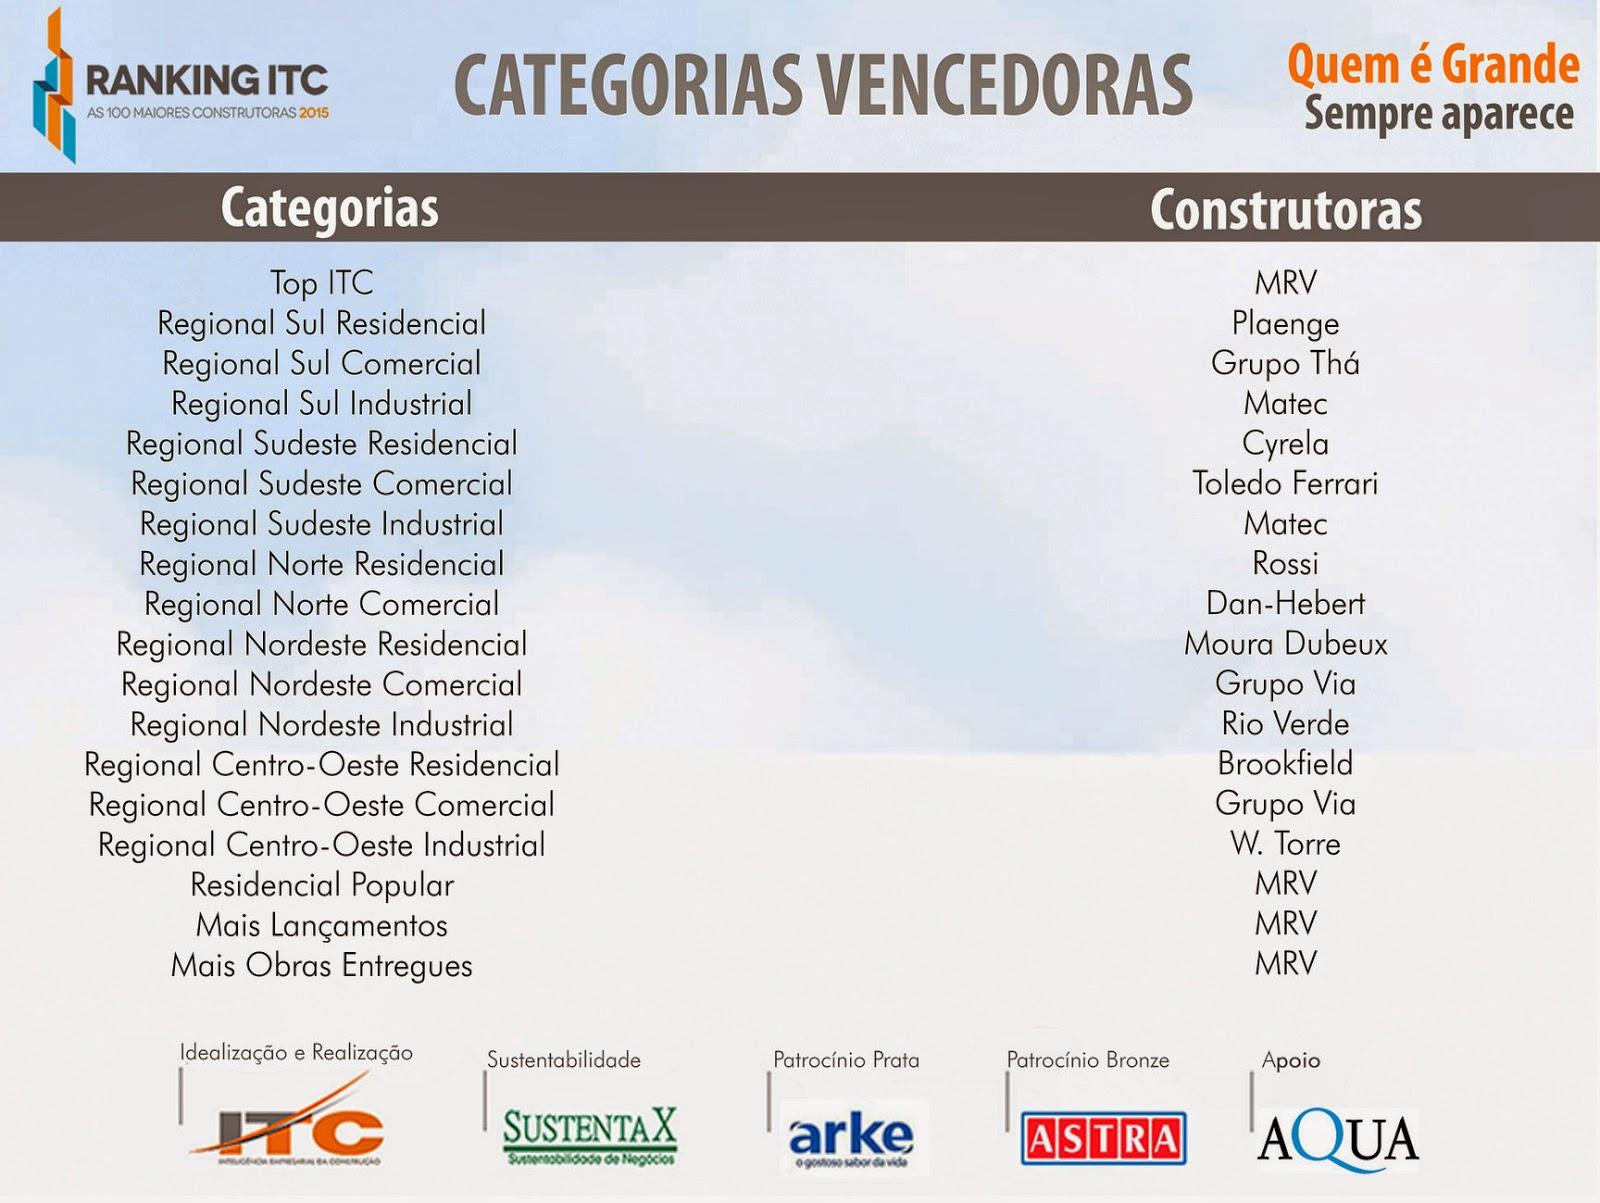 maiores construtoras do Brasil por categoria